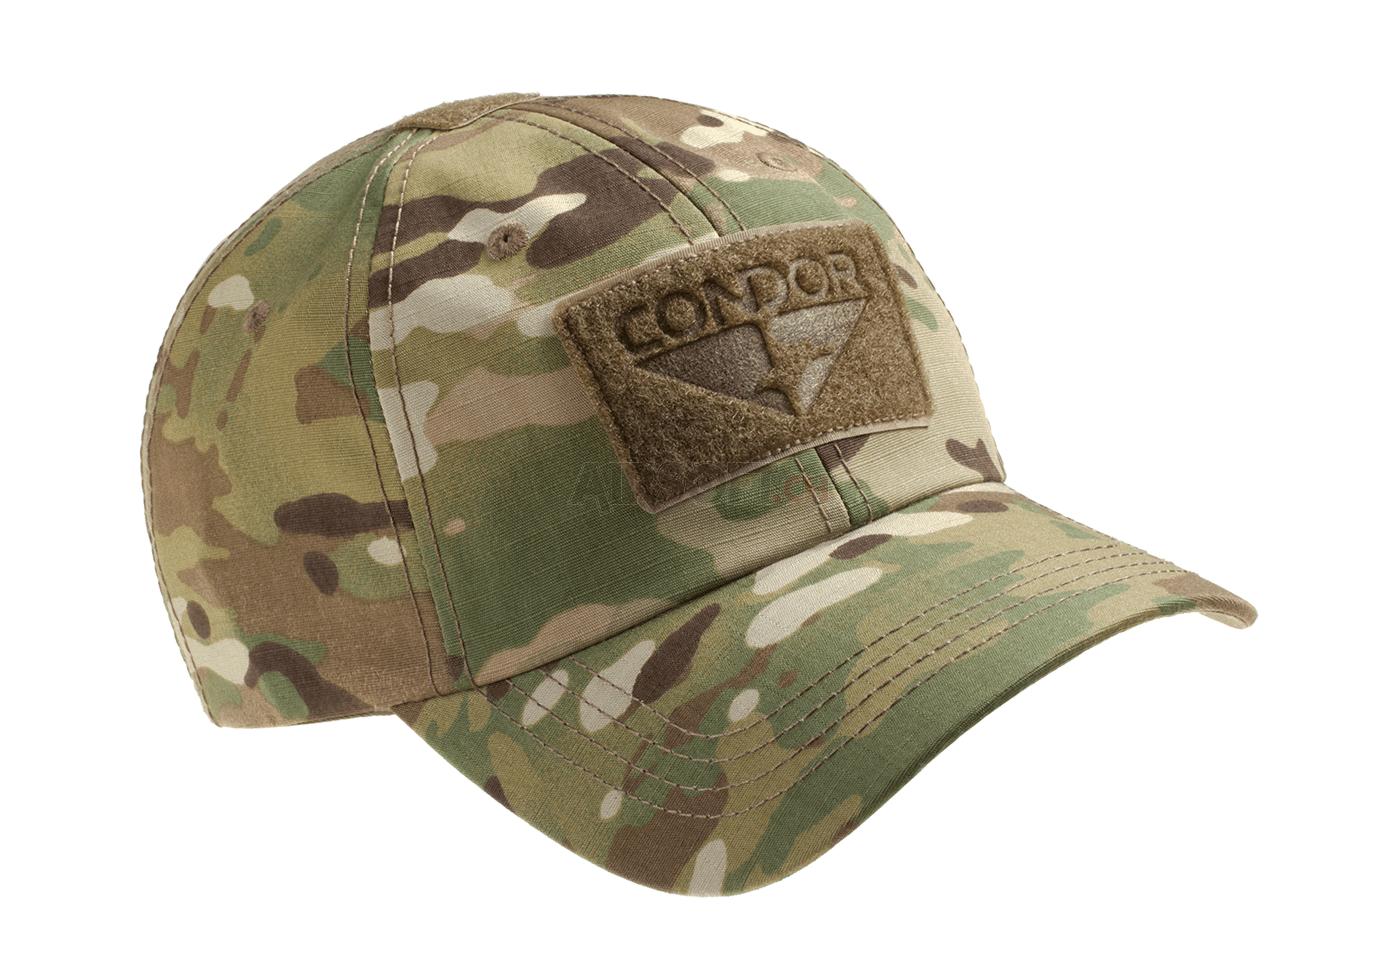 Tactical Cap Multicam (Condor) - Caps - Headwear - Garments ... ca54f806b320